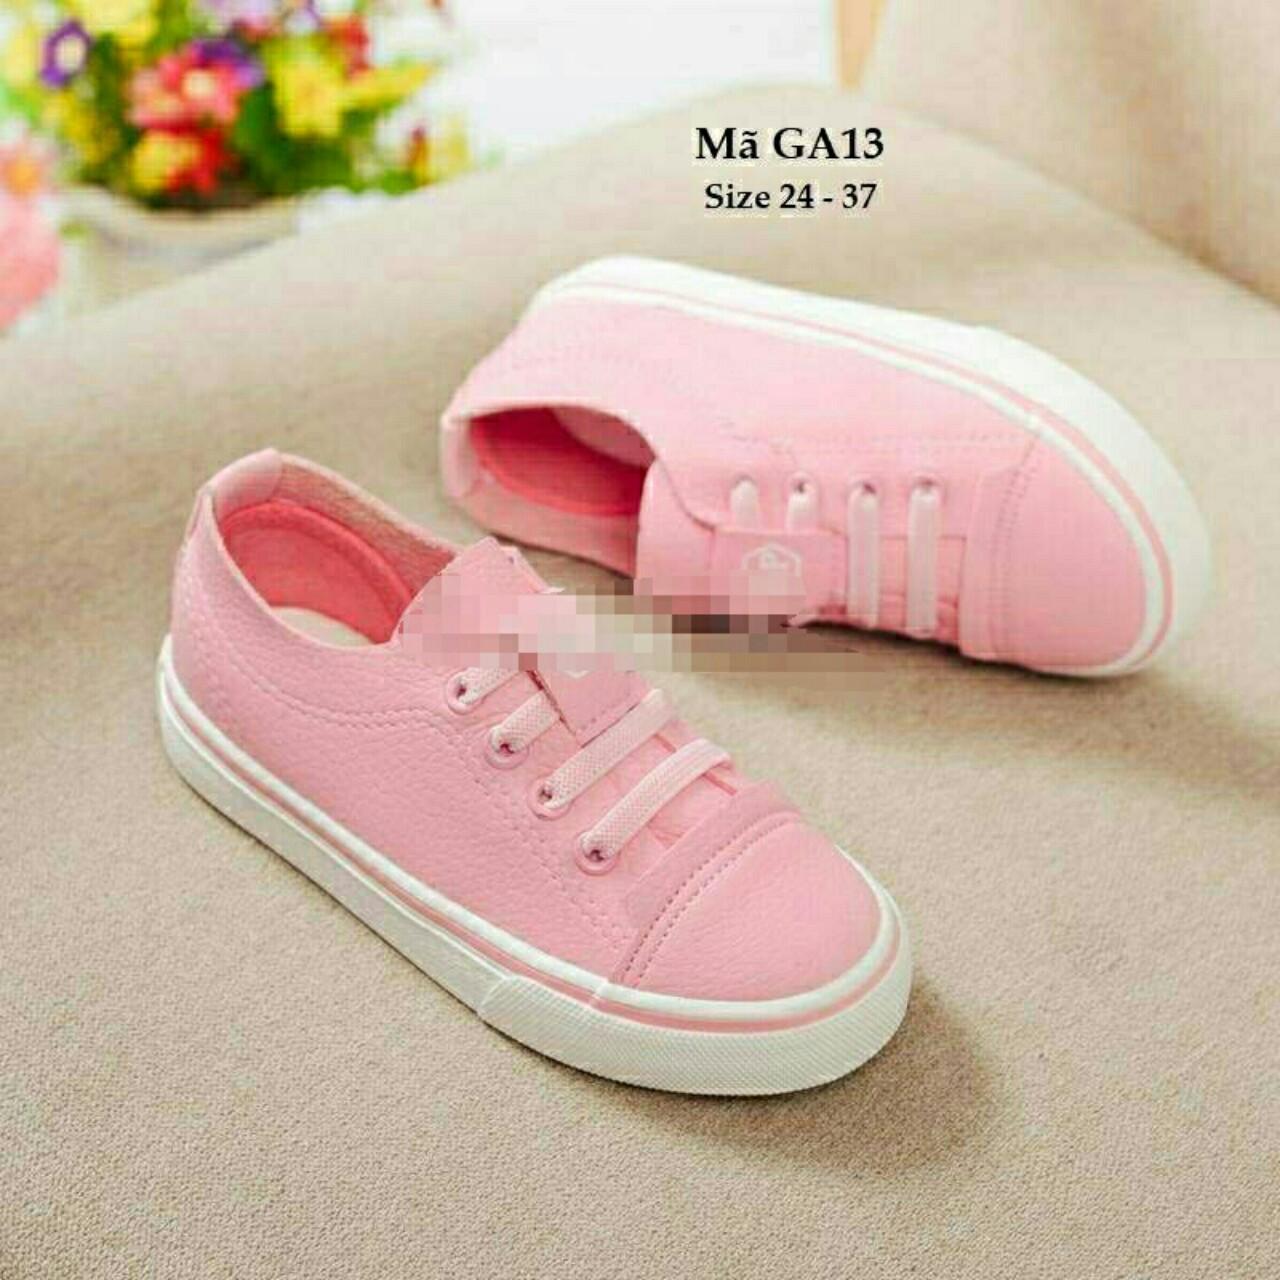 Giày thể thao bé gái màu hồng xinh xinh êm mềm nhẹ